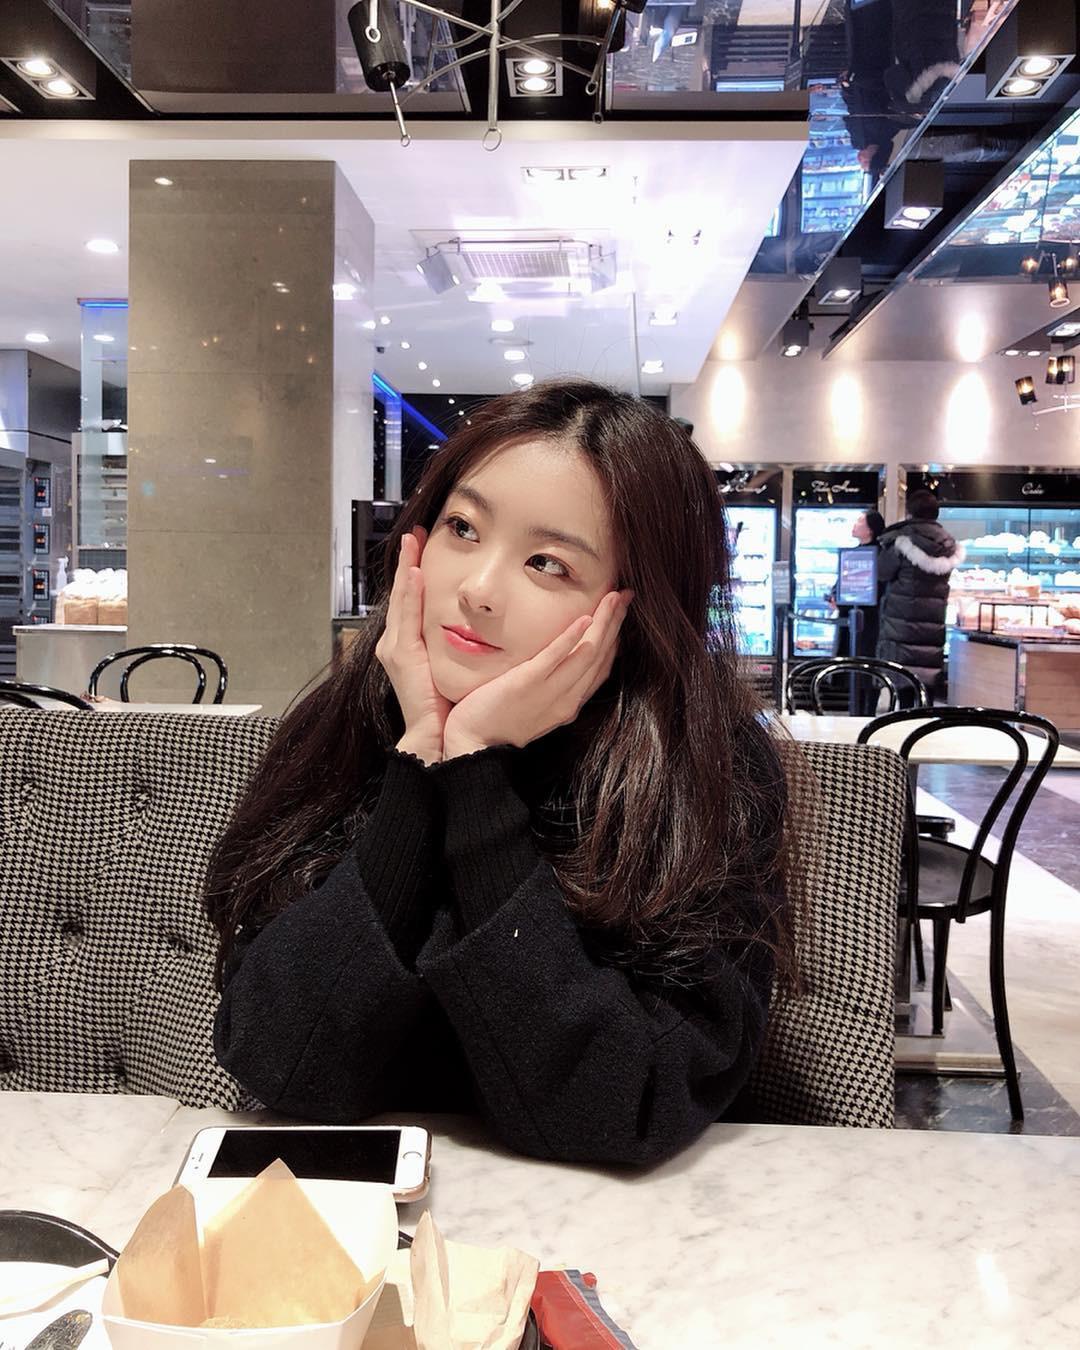 Anh chị em ngoài showbiz của nam, nữ thần châu Á: Người như minh tinh, kẻ kém sắc, khó tin nhất là em Song Joong Ki - Ảnh 16.